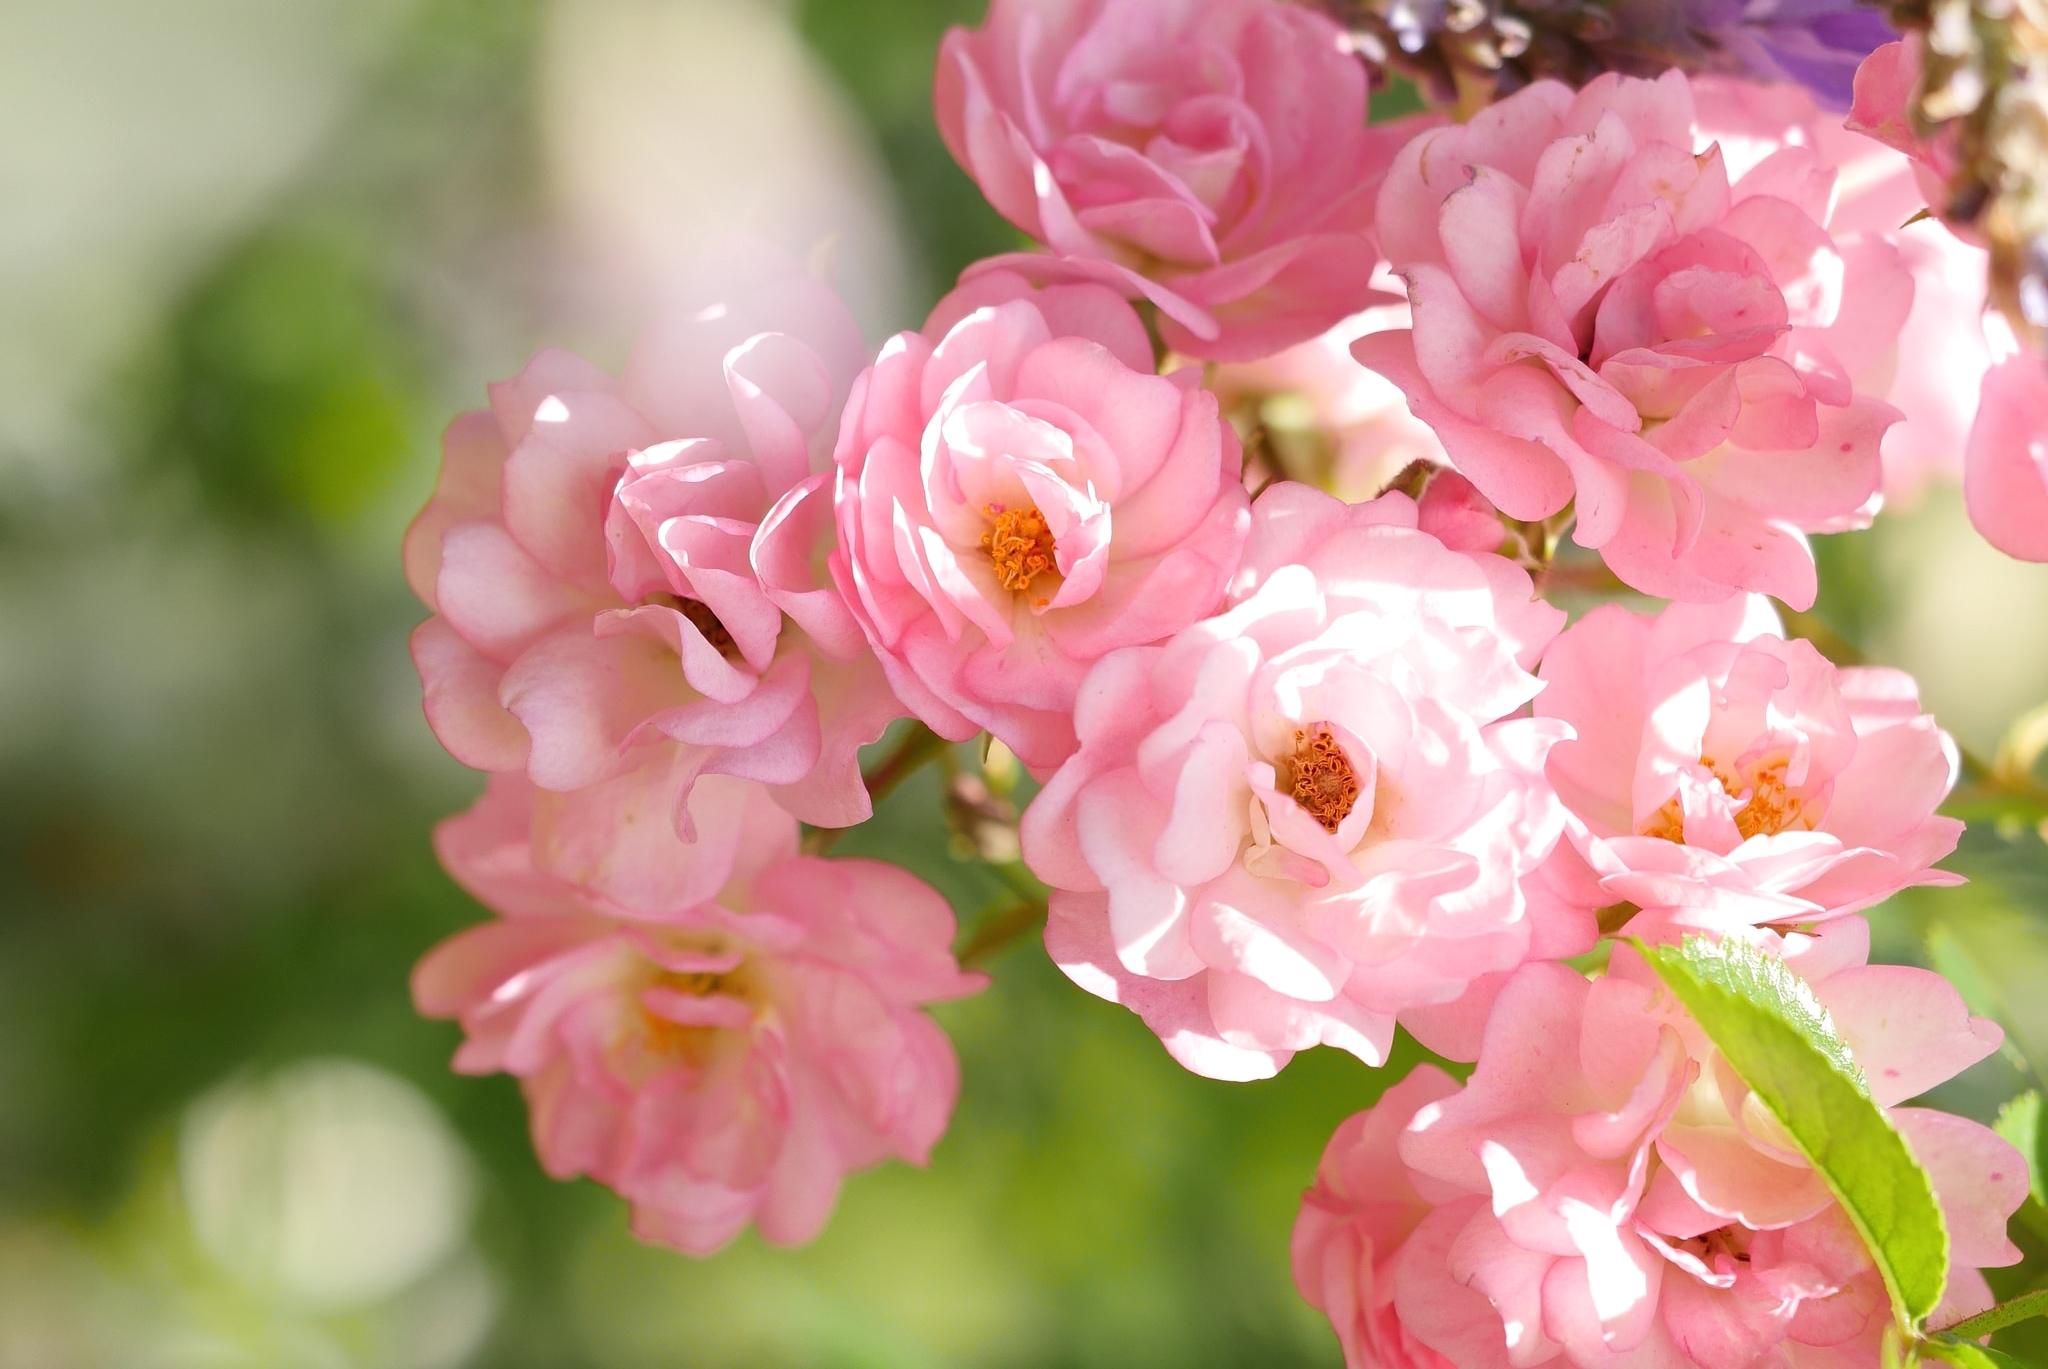 картинки с цветами розового цвета этой